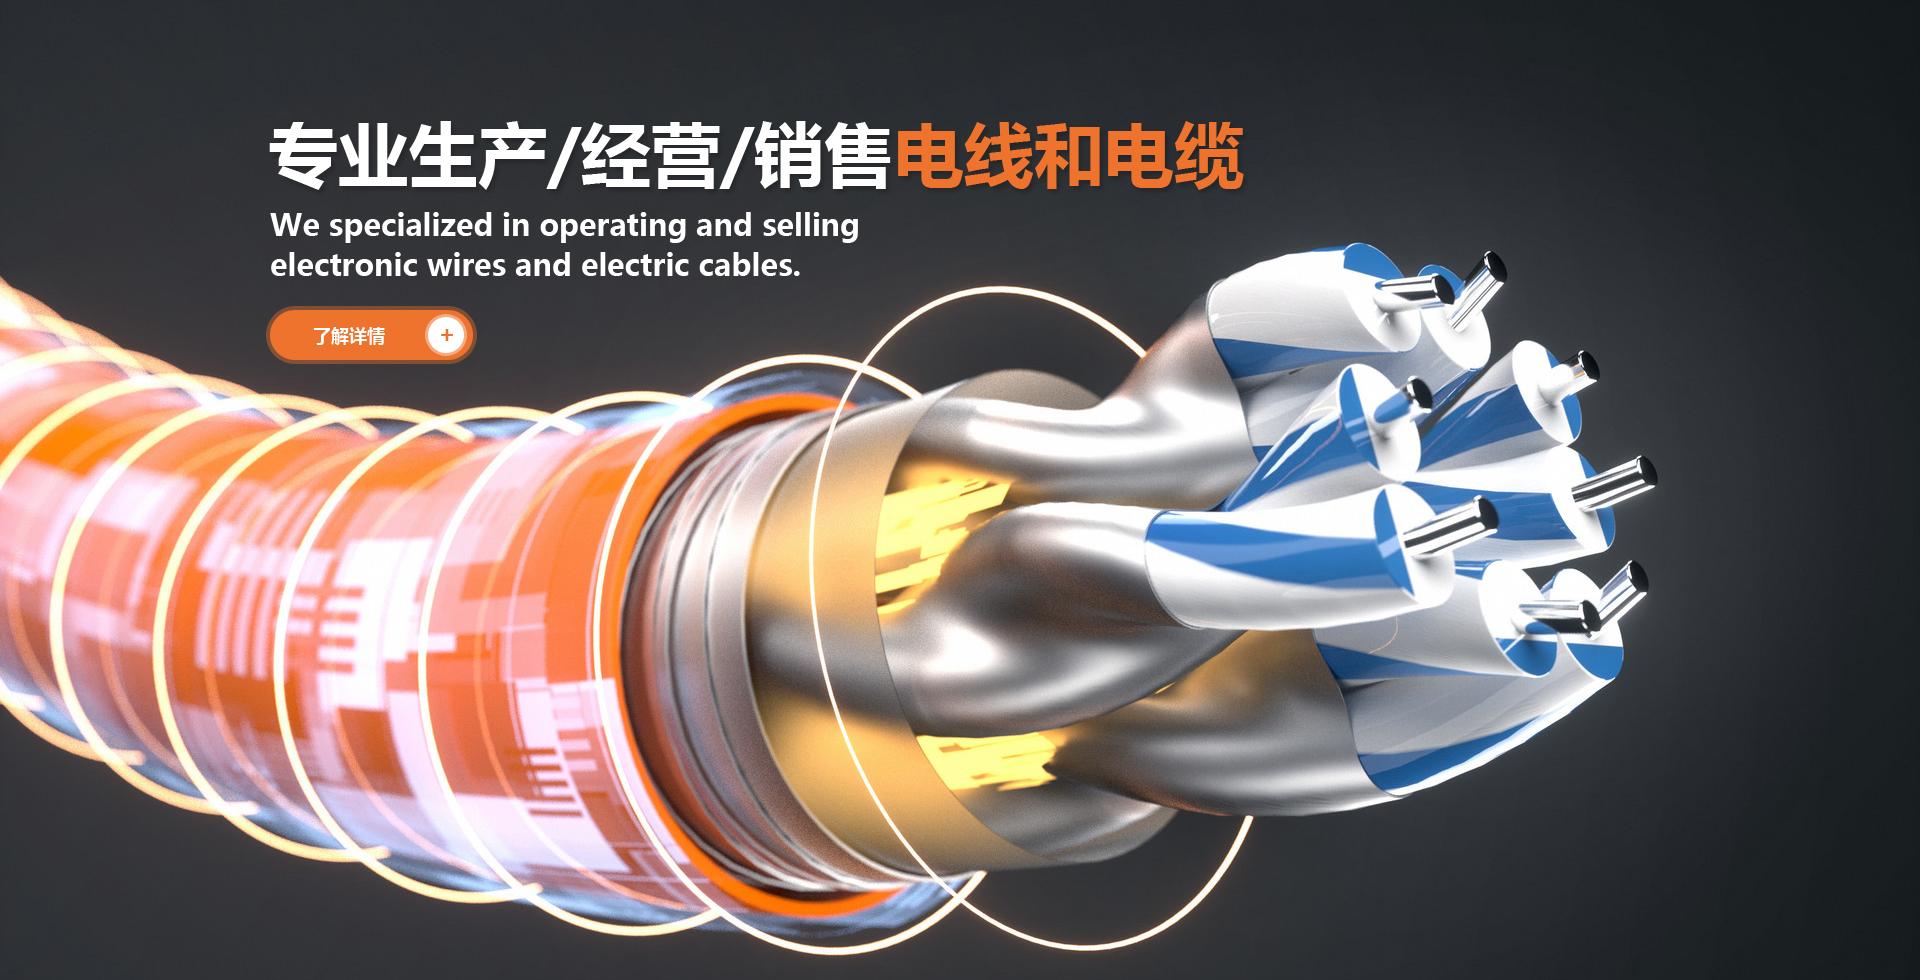 专业生产/经营/销售电线和电缆